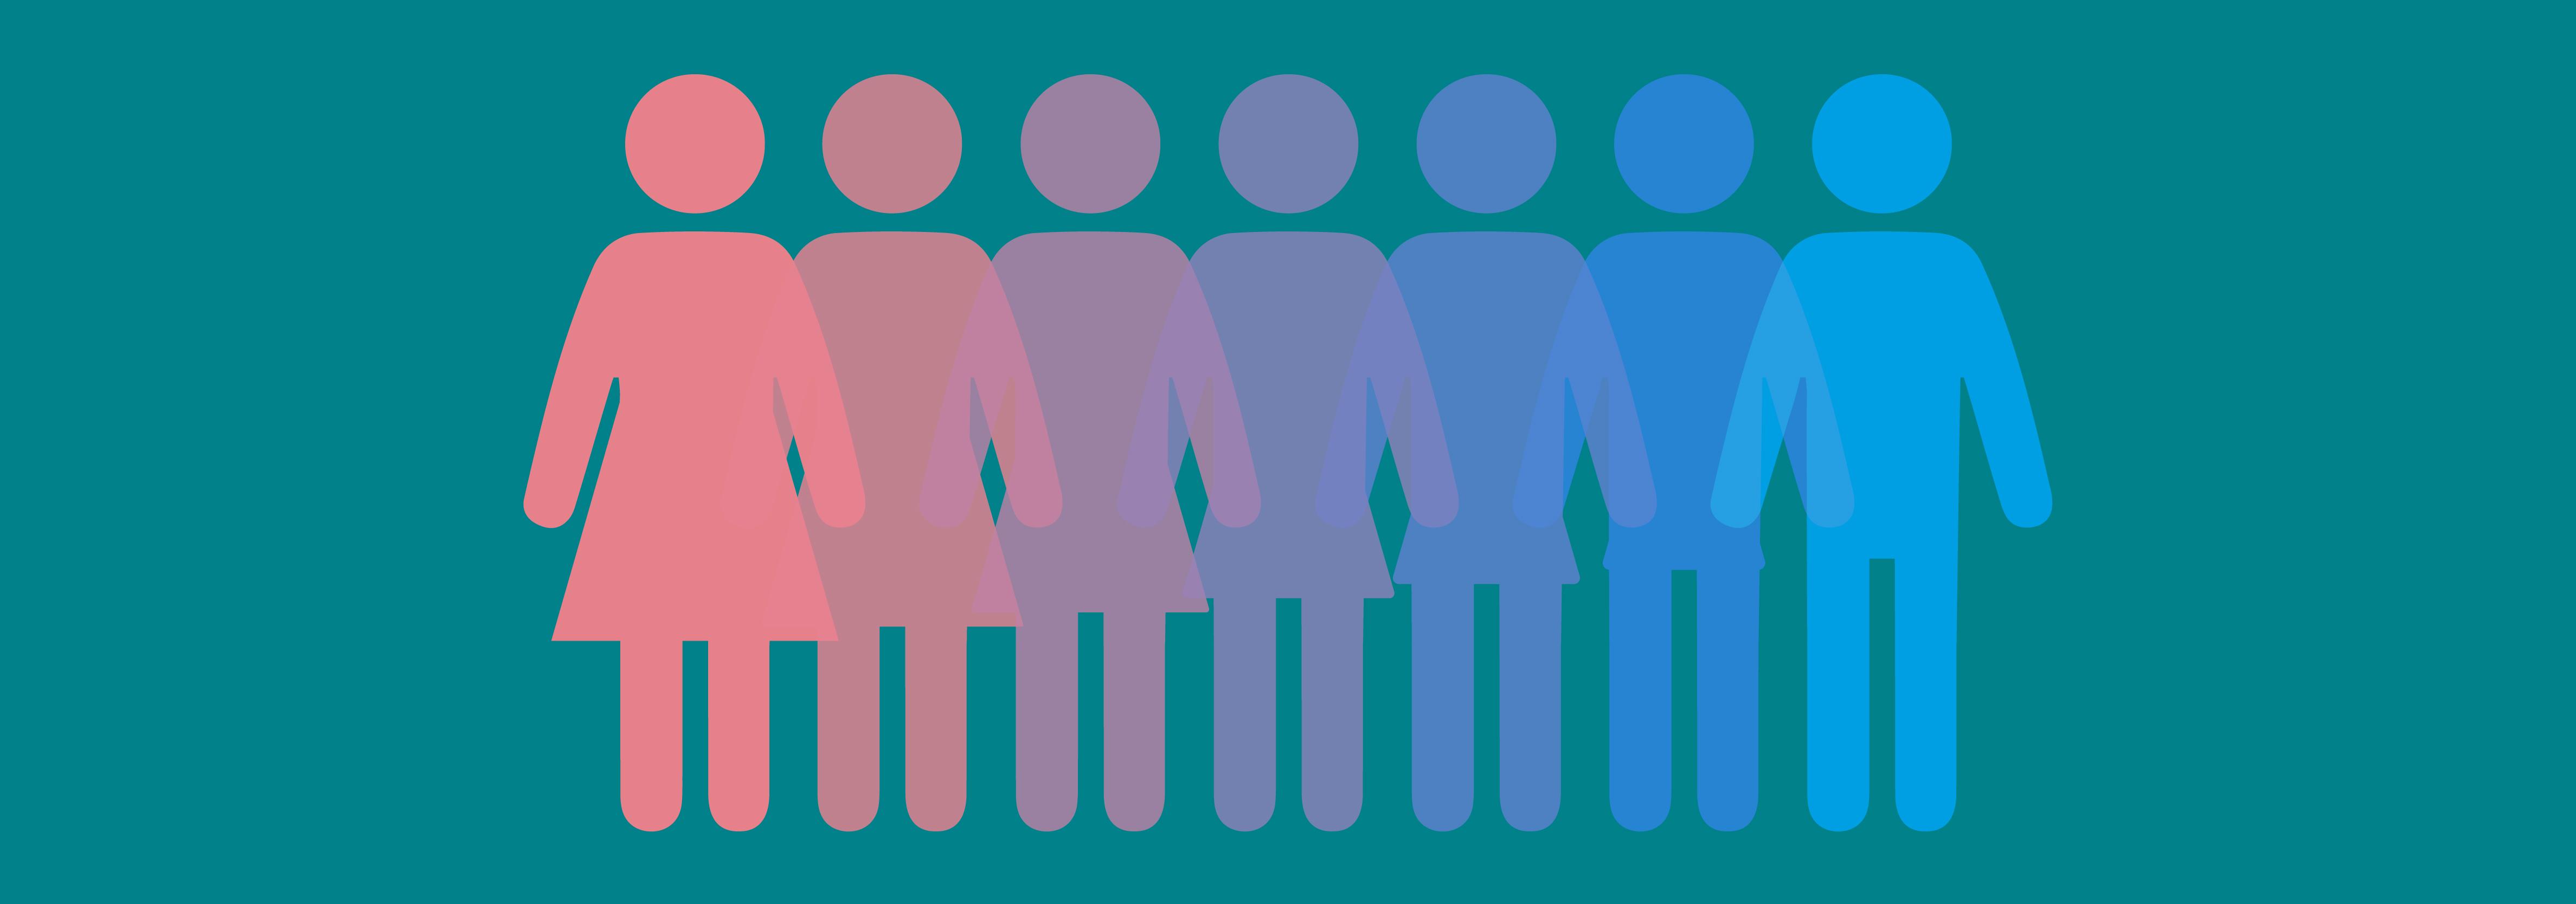 Center for Gender Health banner image